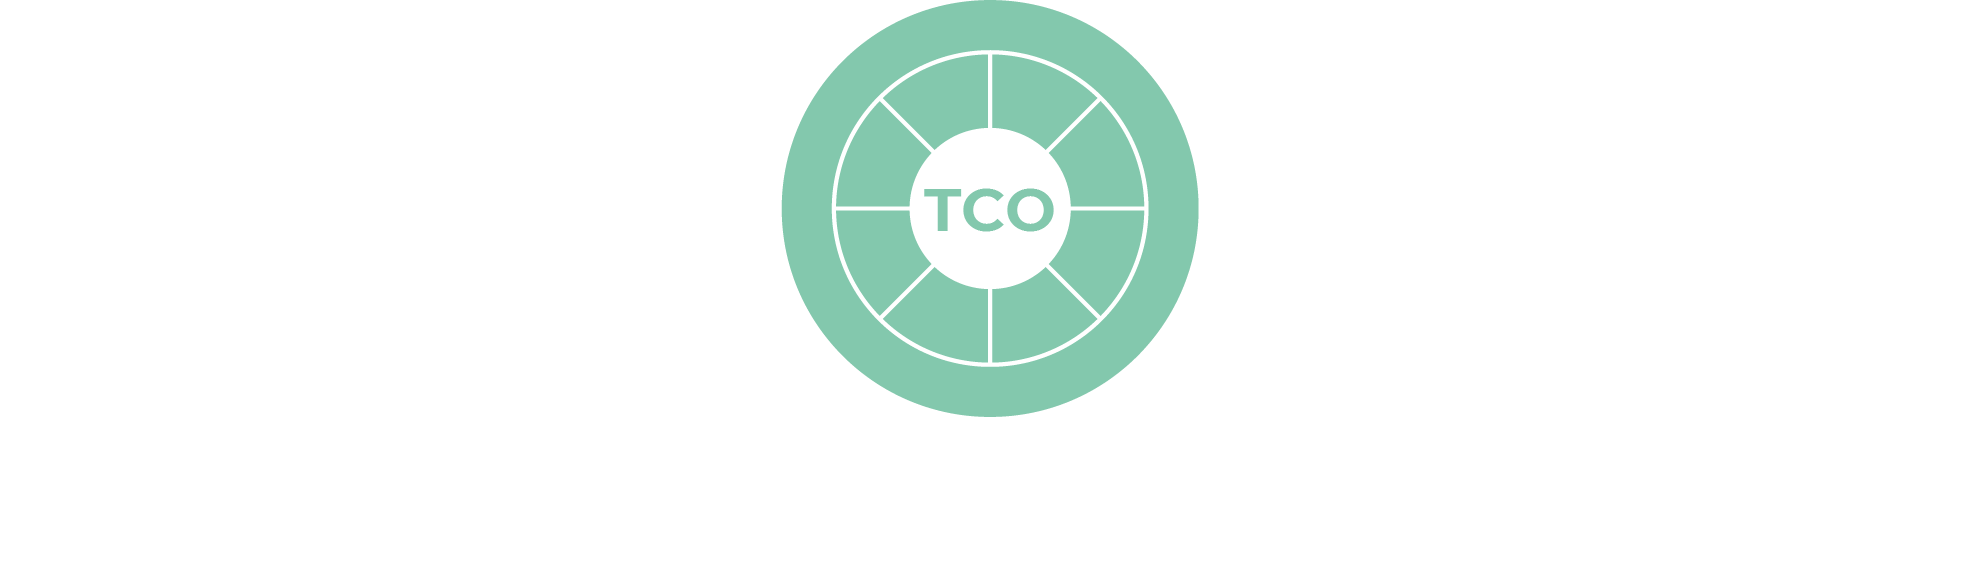 Wirtschaftlichkeitsberechnung (TCO)